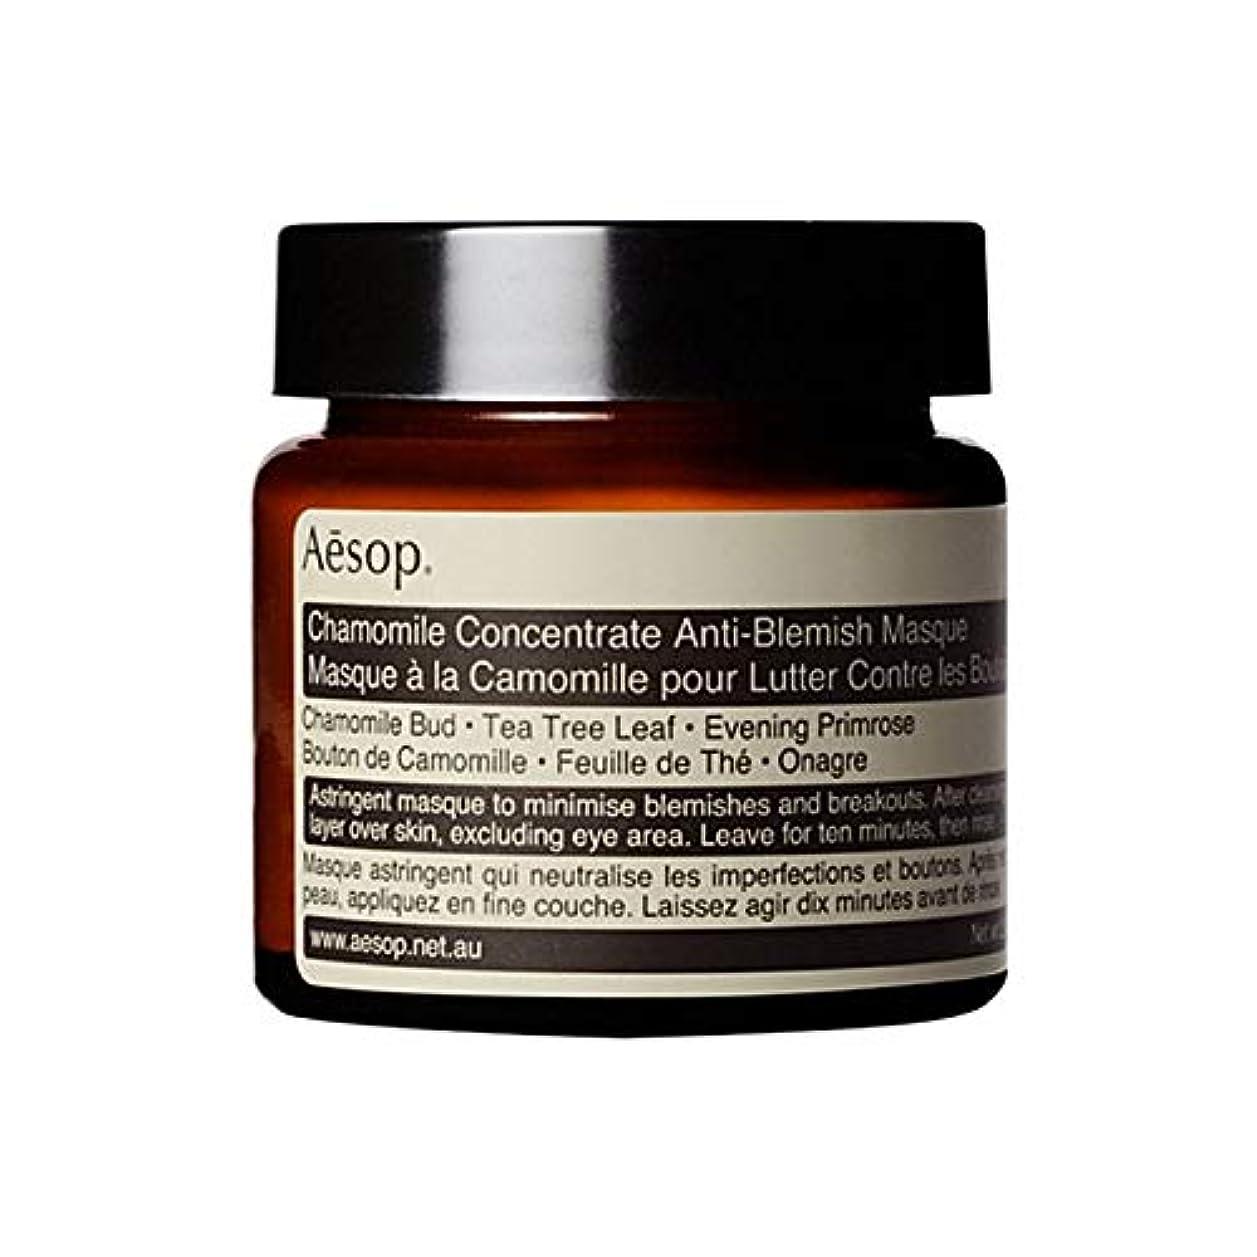 ダムラジカルコンクリート[Aesop] イソップのカモミール濃縮抗傷仮面の60ミリリットル - Aesop Chamomile Concentrate Anti-Blemish Masque 60ml [並行輸入品]